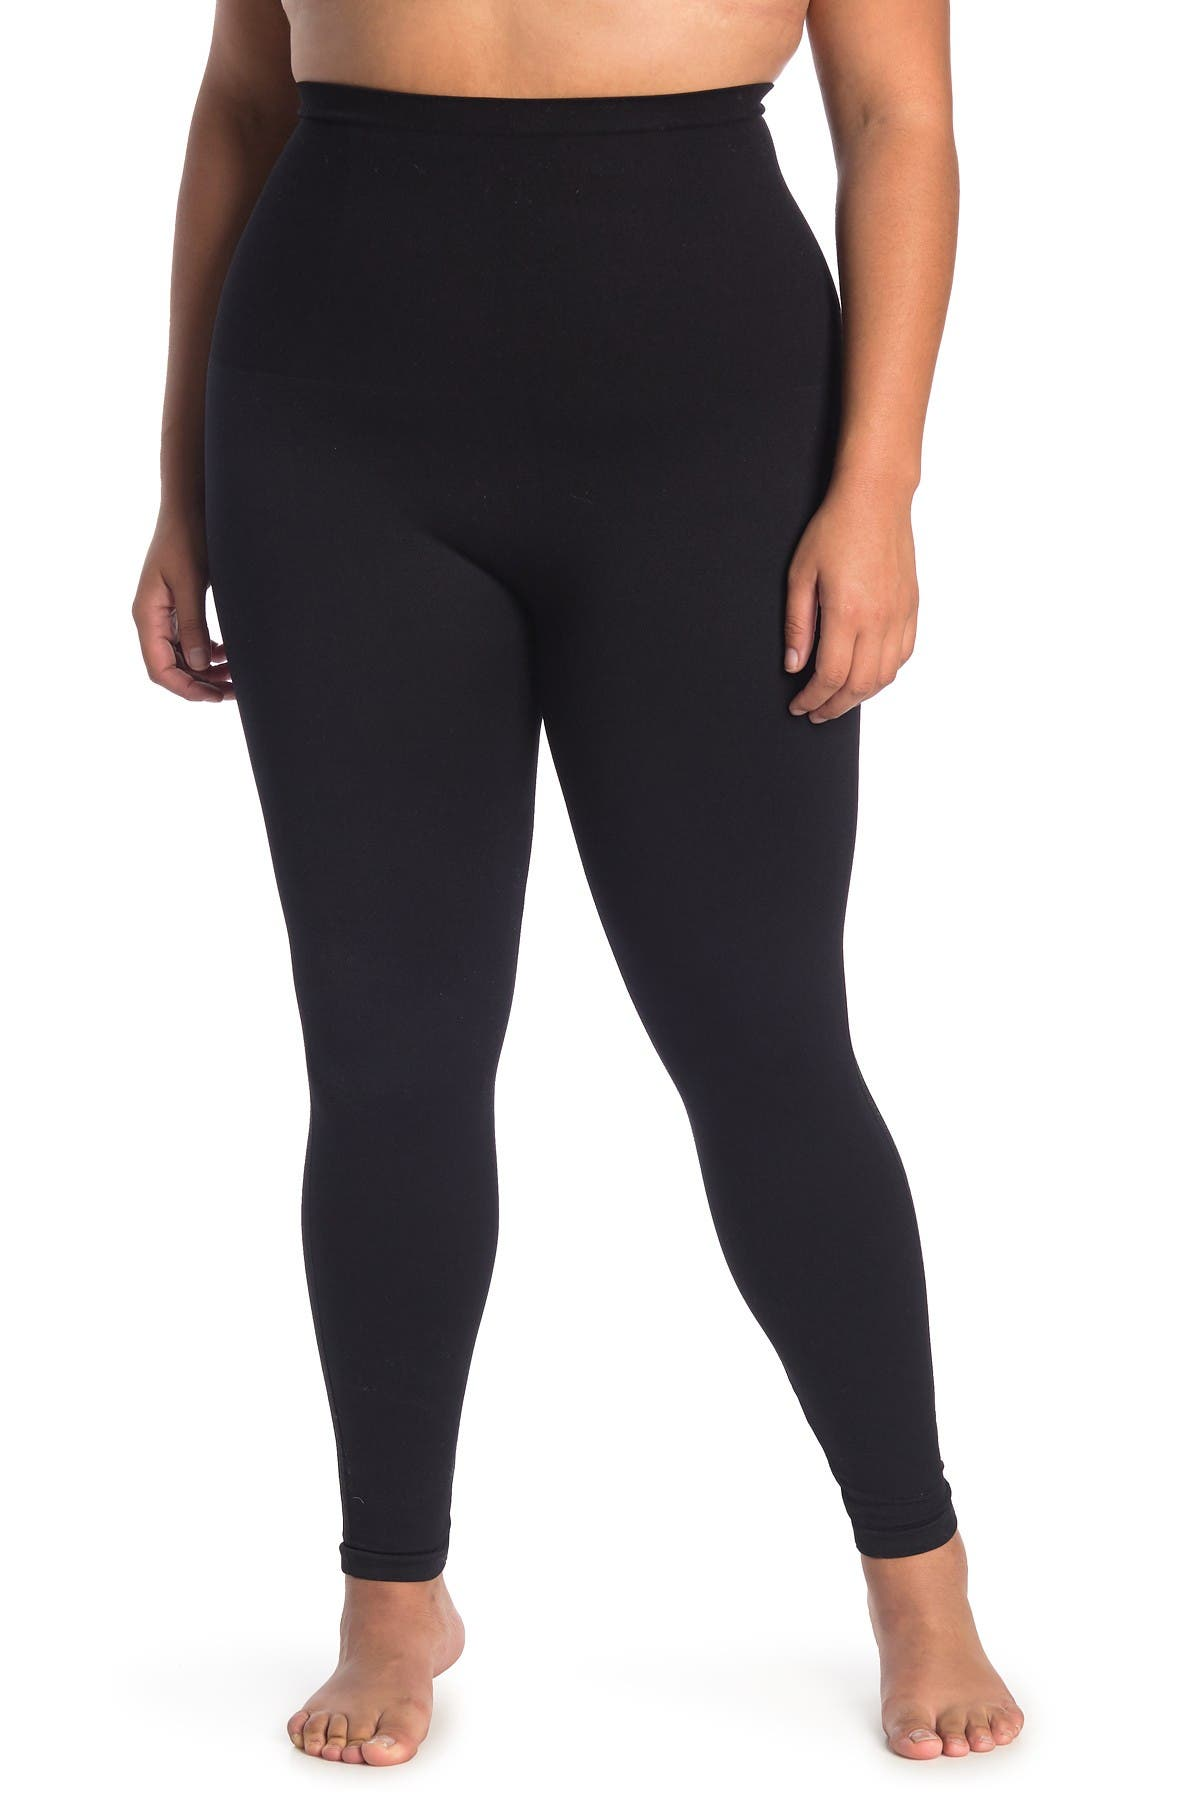 Image of BODY BEAUTIFUL Extra Hi 8 Waist 360 Degree Shape Legging